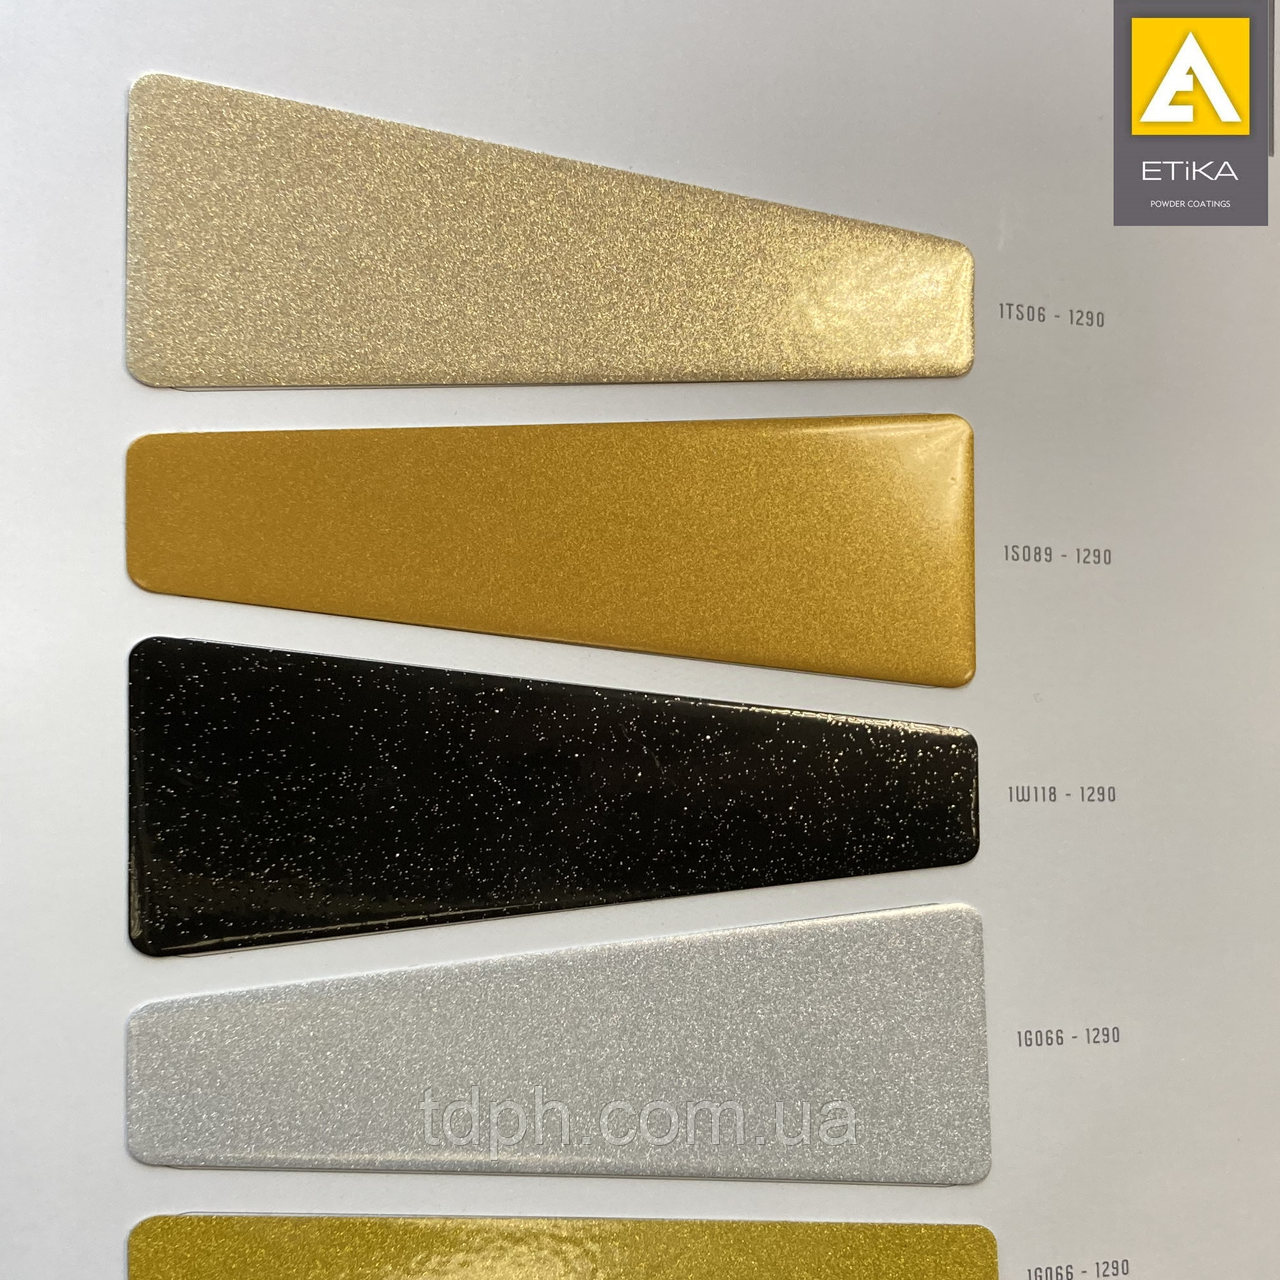 Полиэфирная порошковая краска Etika  Mettalic Gold S001